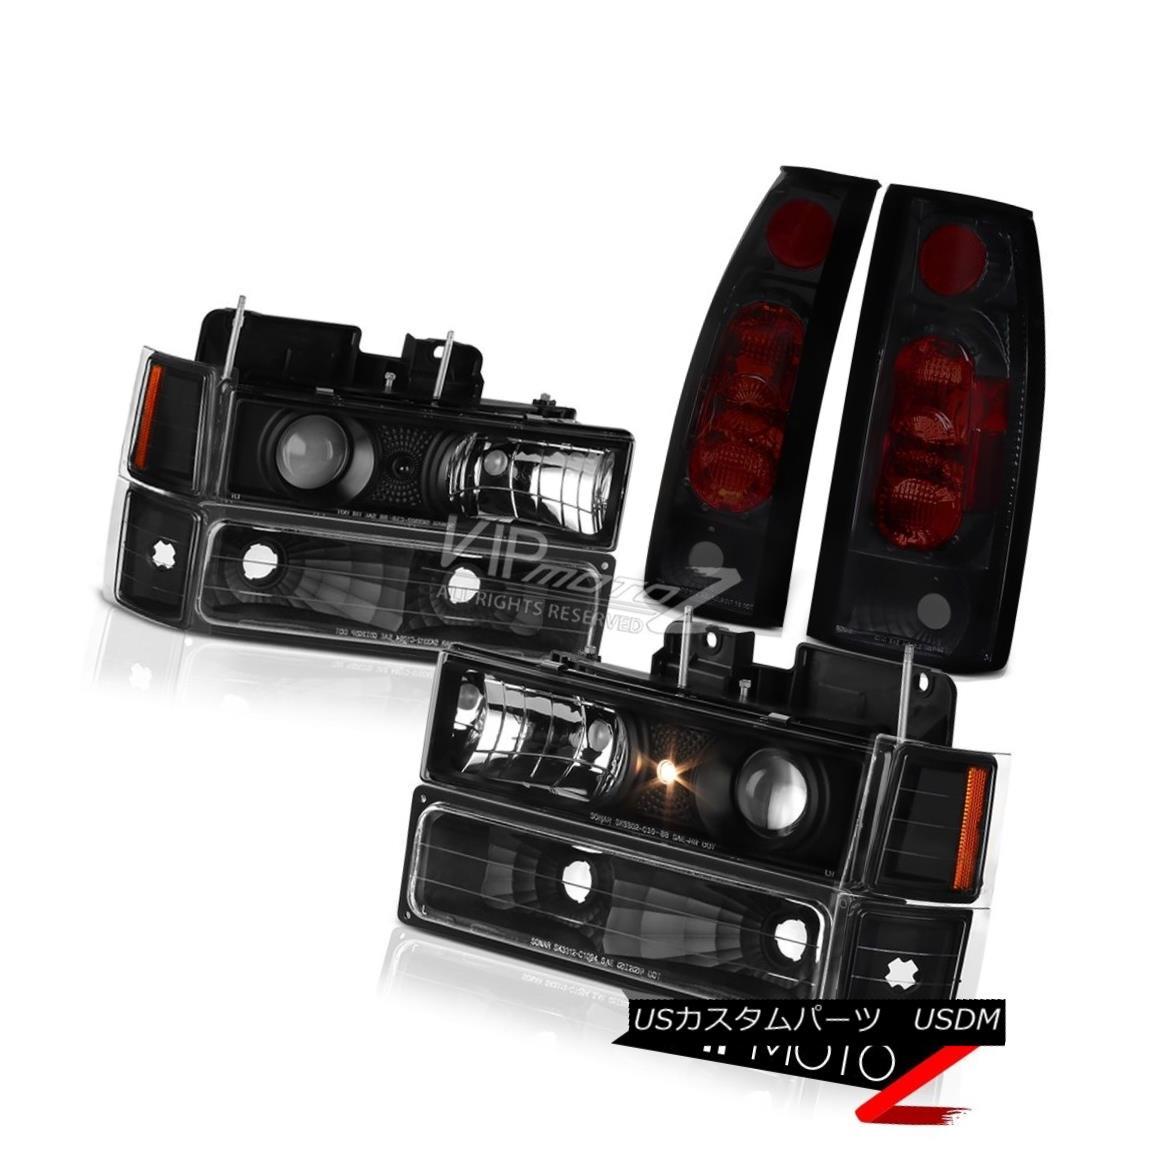 ヘッドライト Headlights Signal Corner Sinister Black Altezza Tail Light Chevy Suburban 94-99 ヘッドライト信号コーナーシニスターブラックAltezzaテールライトシボレー郊外94-99